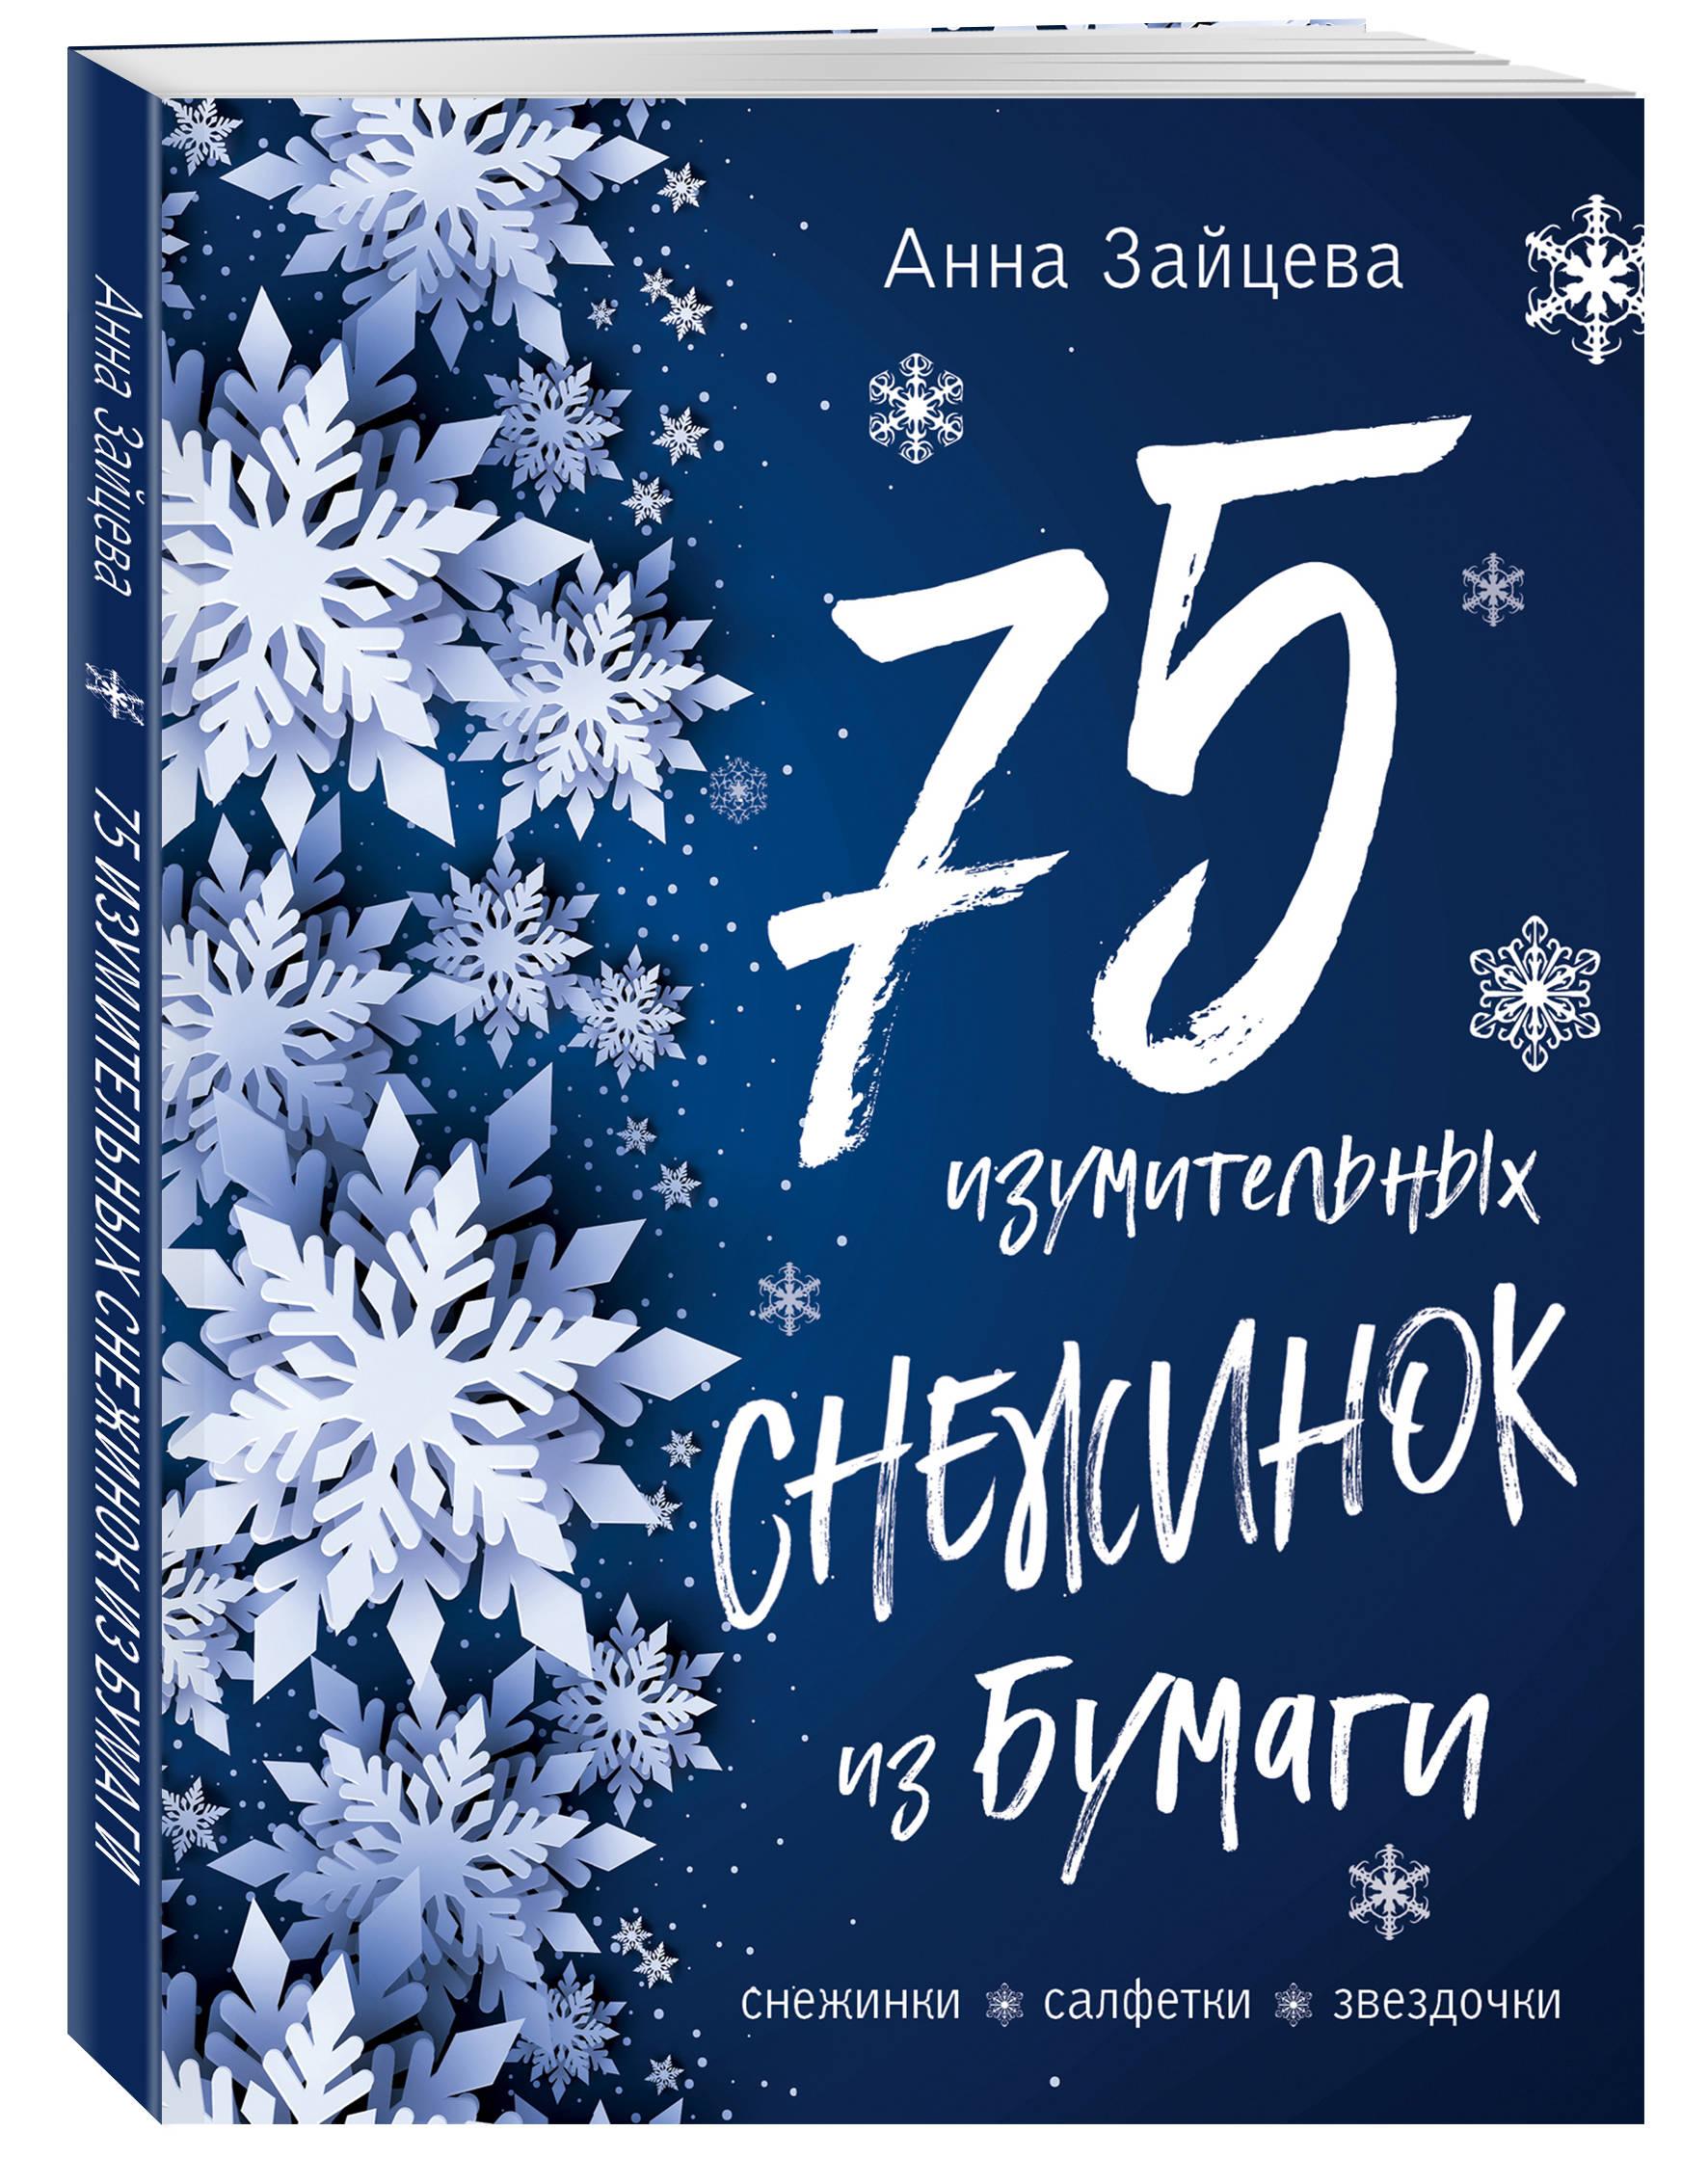 Анна Зайцева 75 изумительных снежинок из бумаги (новое оформление) [синяя] анна зайцева 75 изумительных снежинок из бумаги